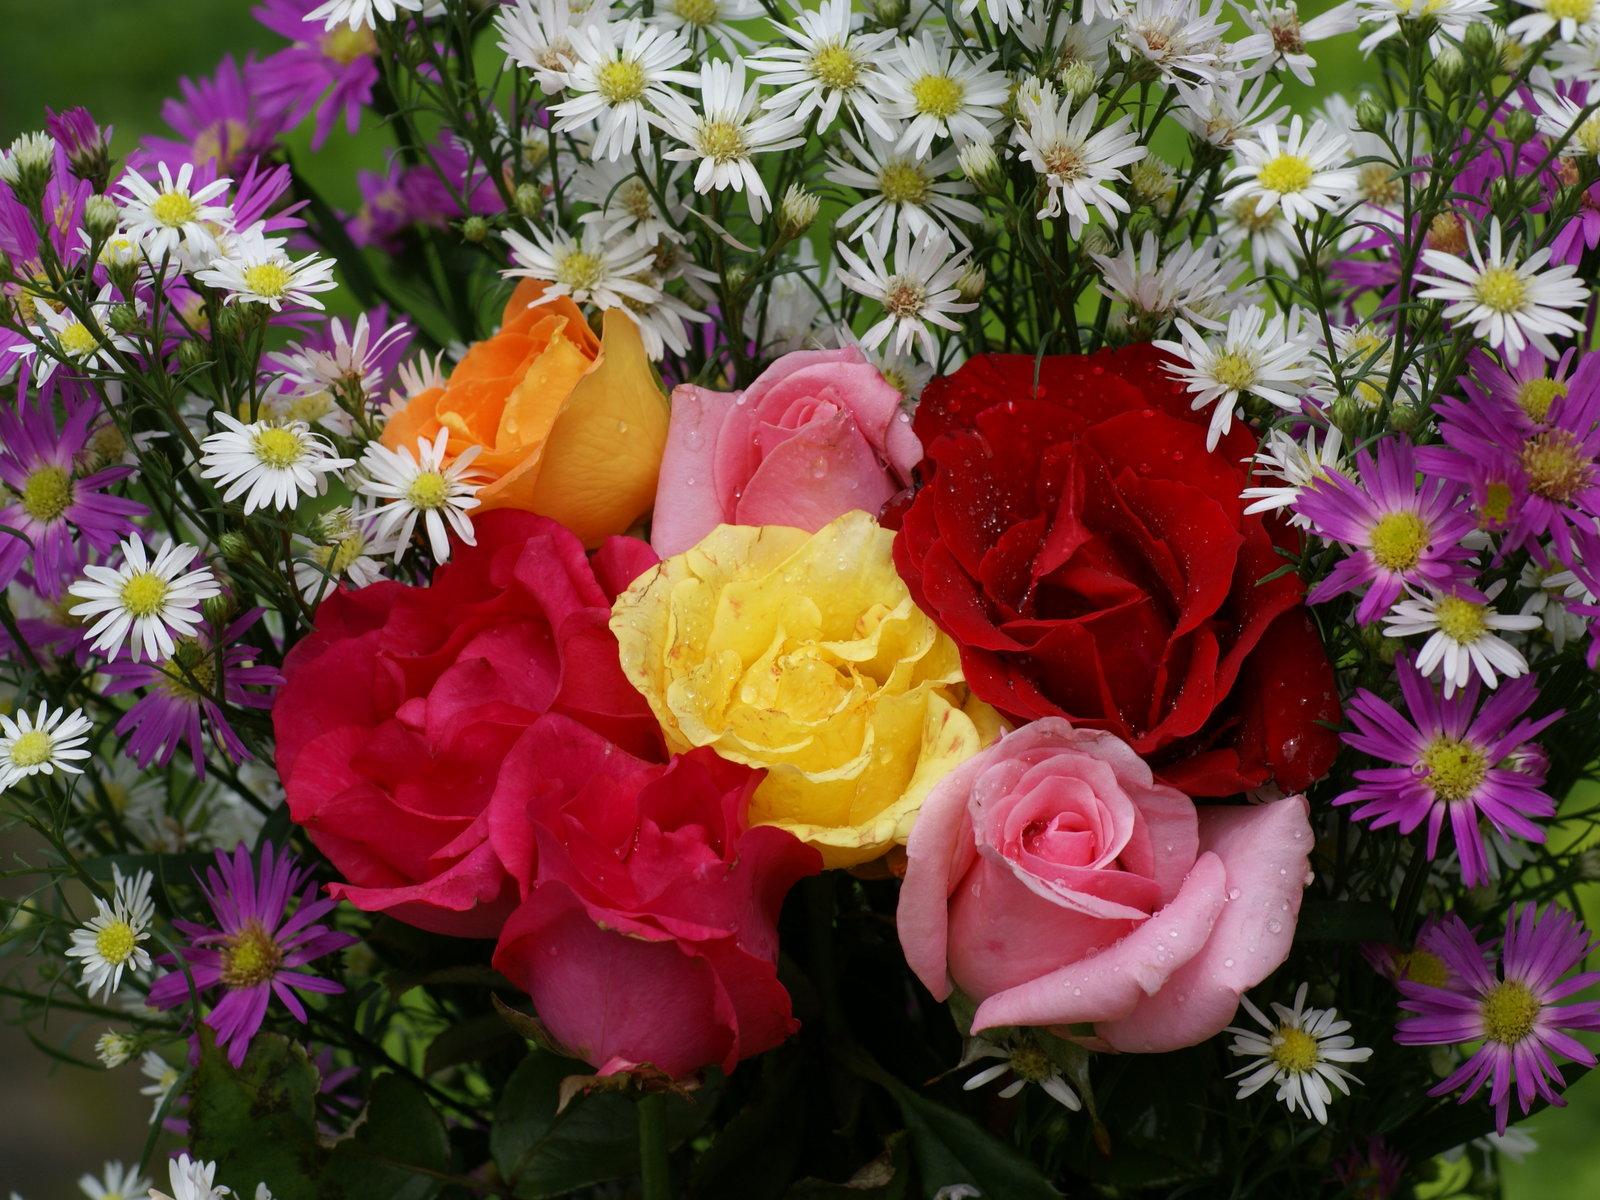 Colores en mi vida simplemente gracias - Fotos de flores bonitas ...